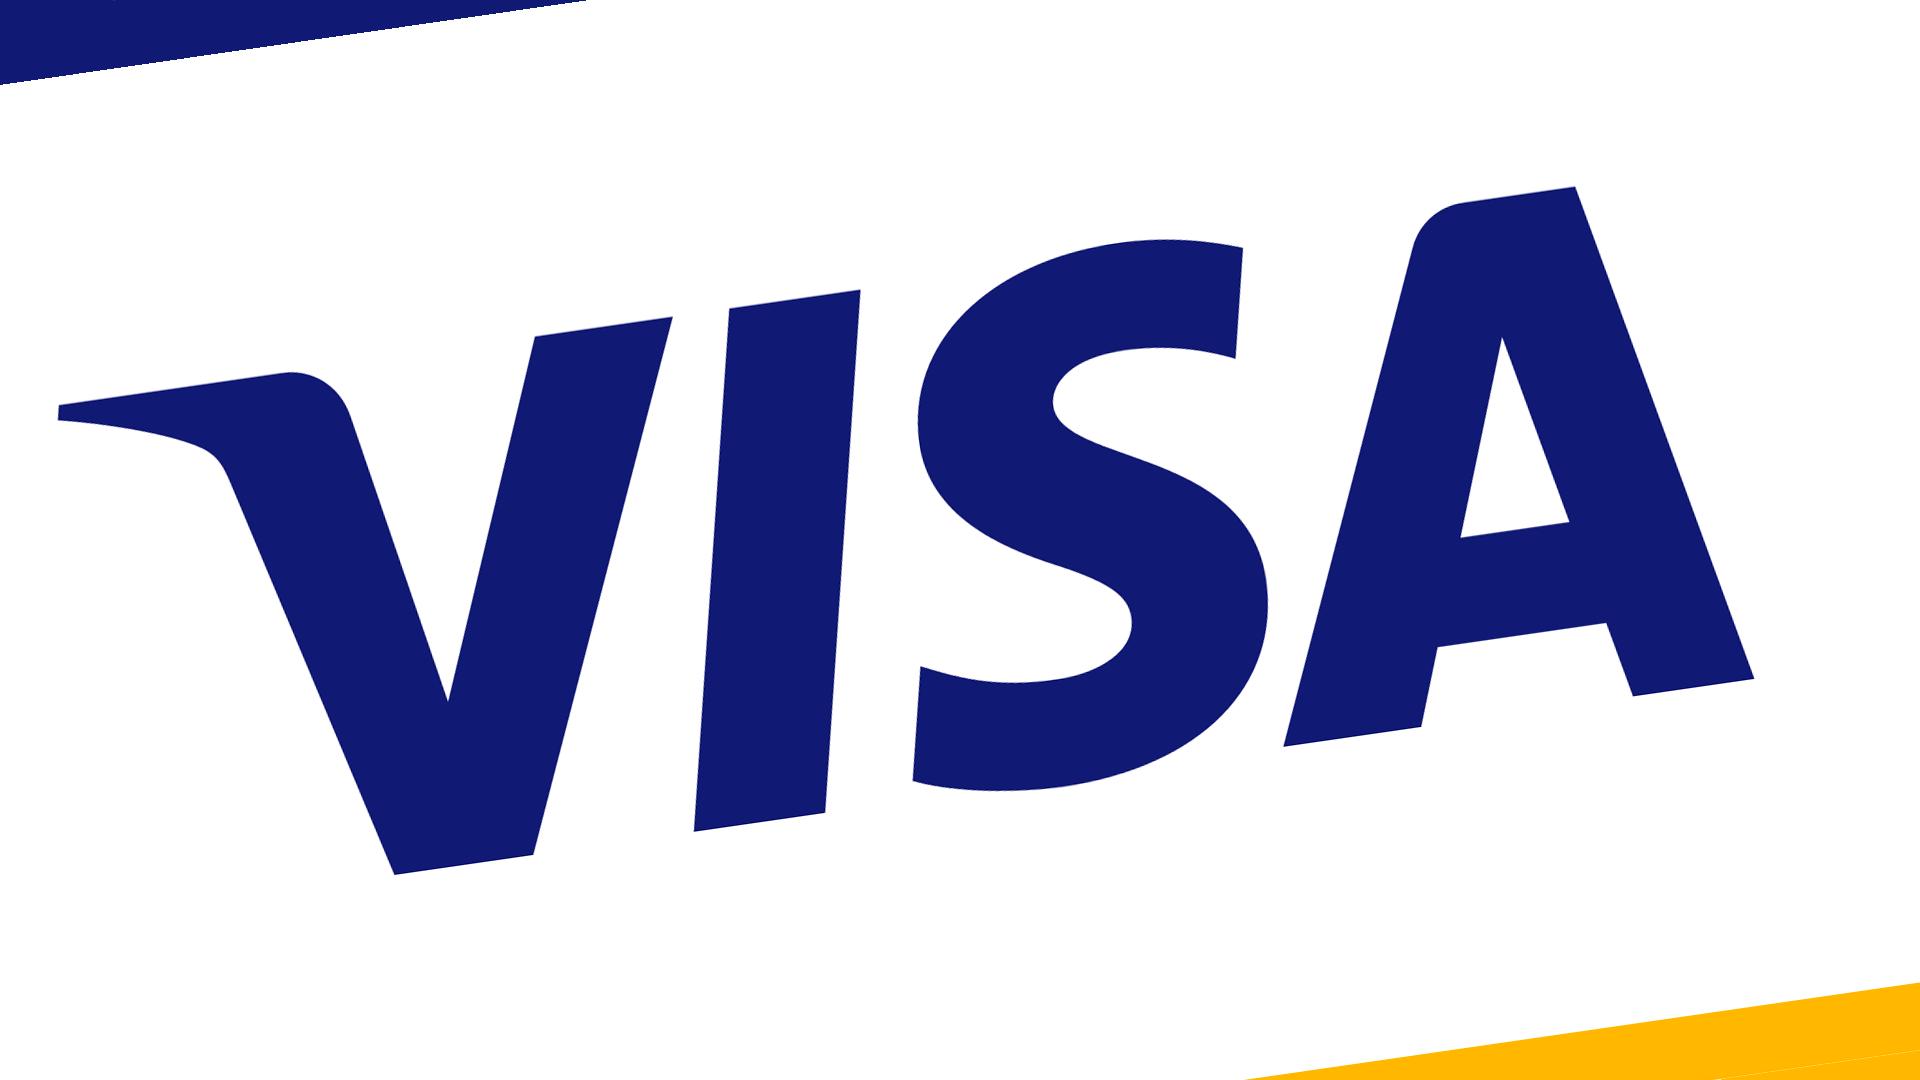 МТБ БАНК стал принципиальным членом международной платежной системы Visa International - фото - mtb.ua